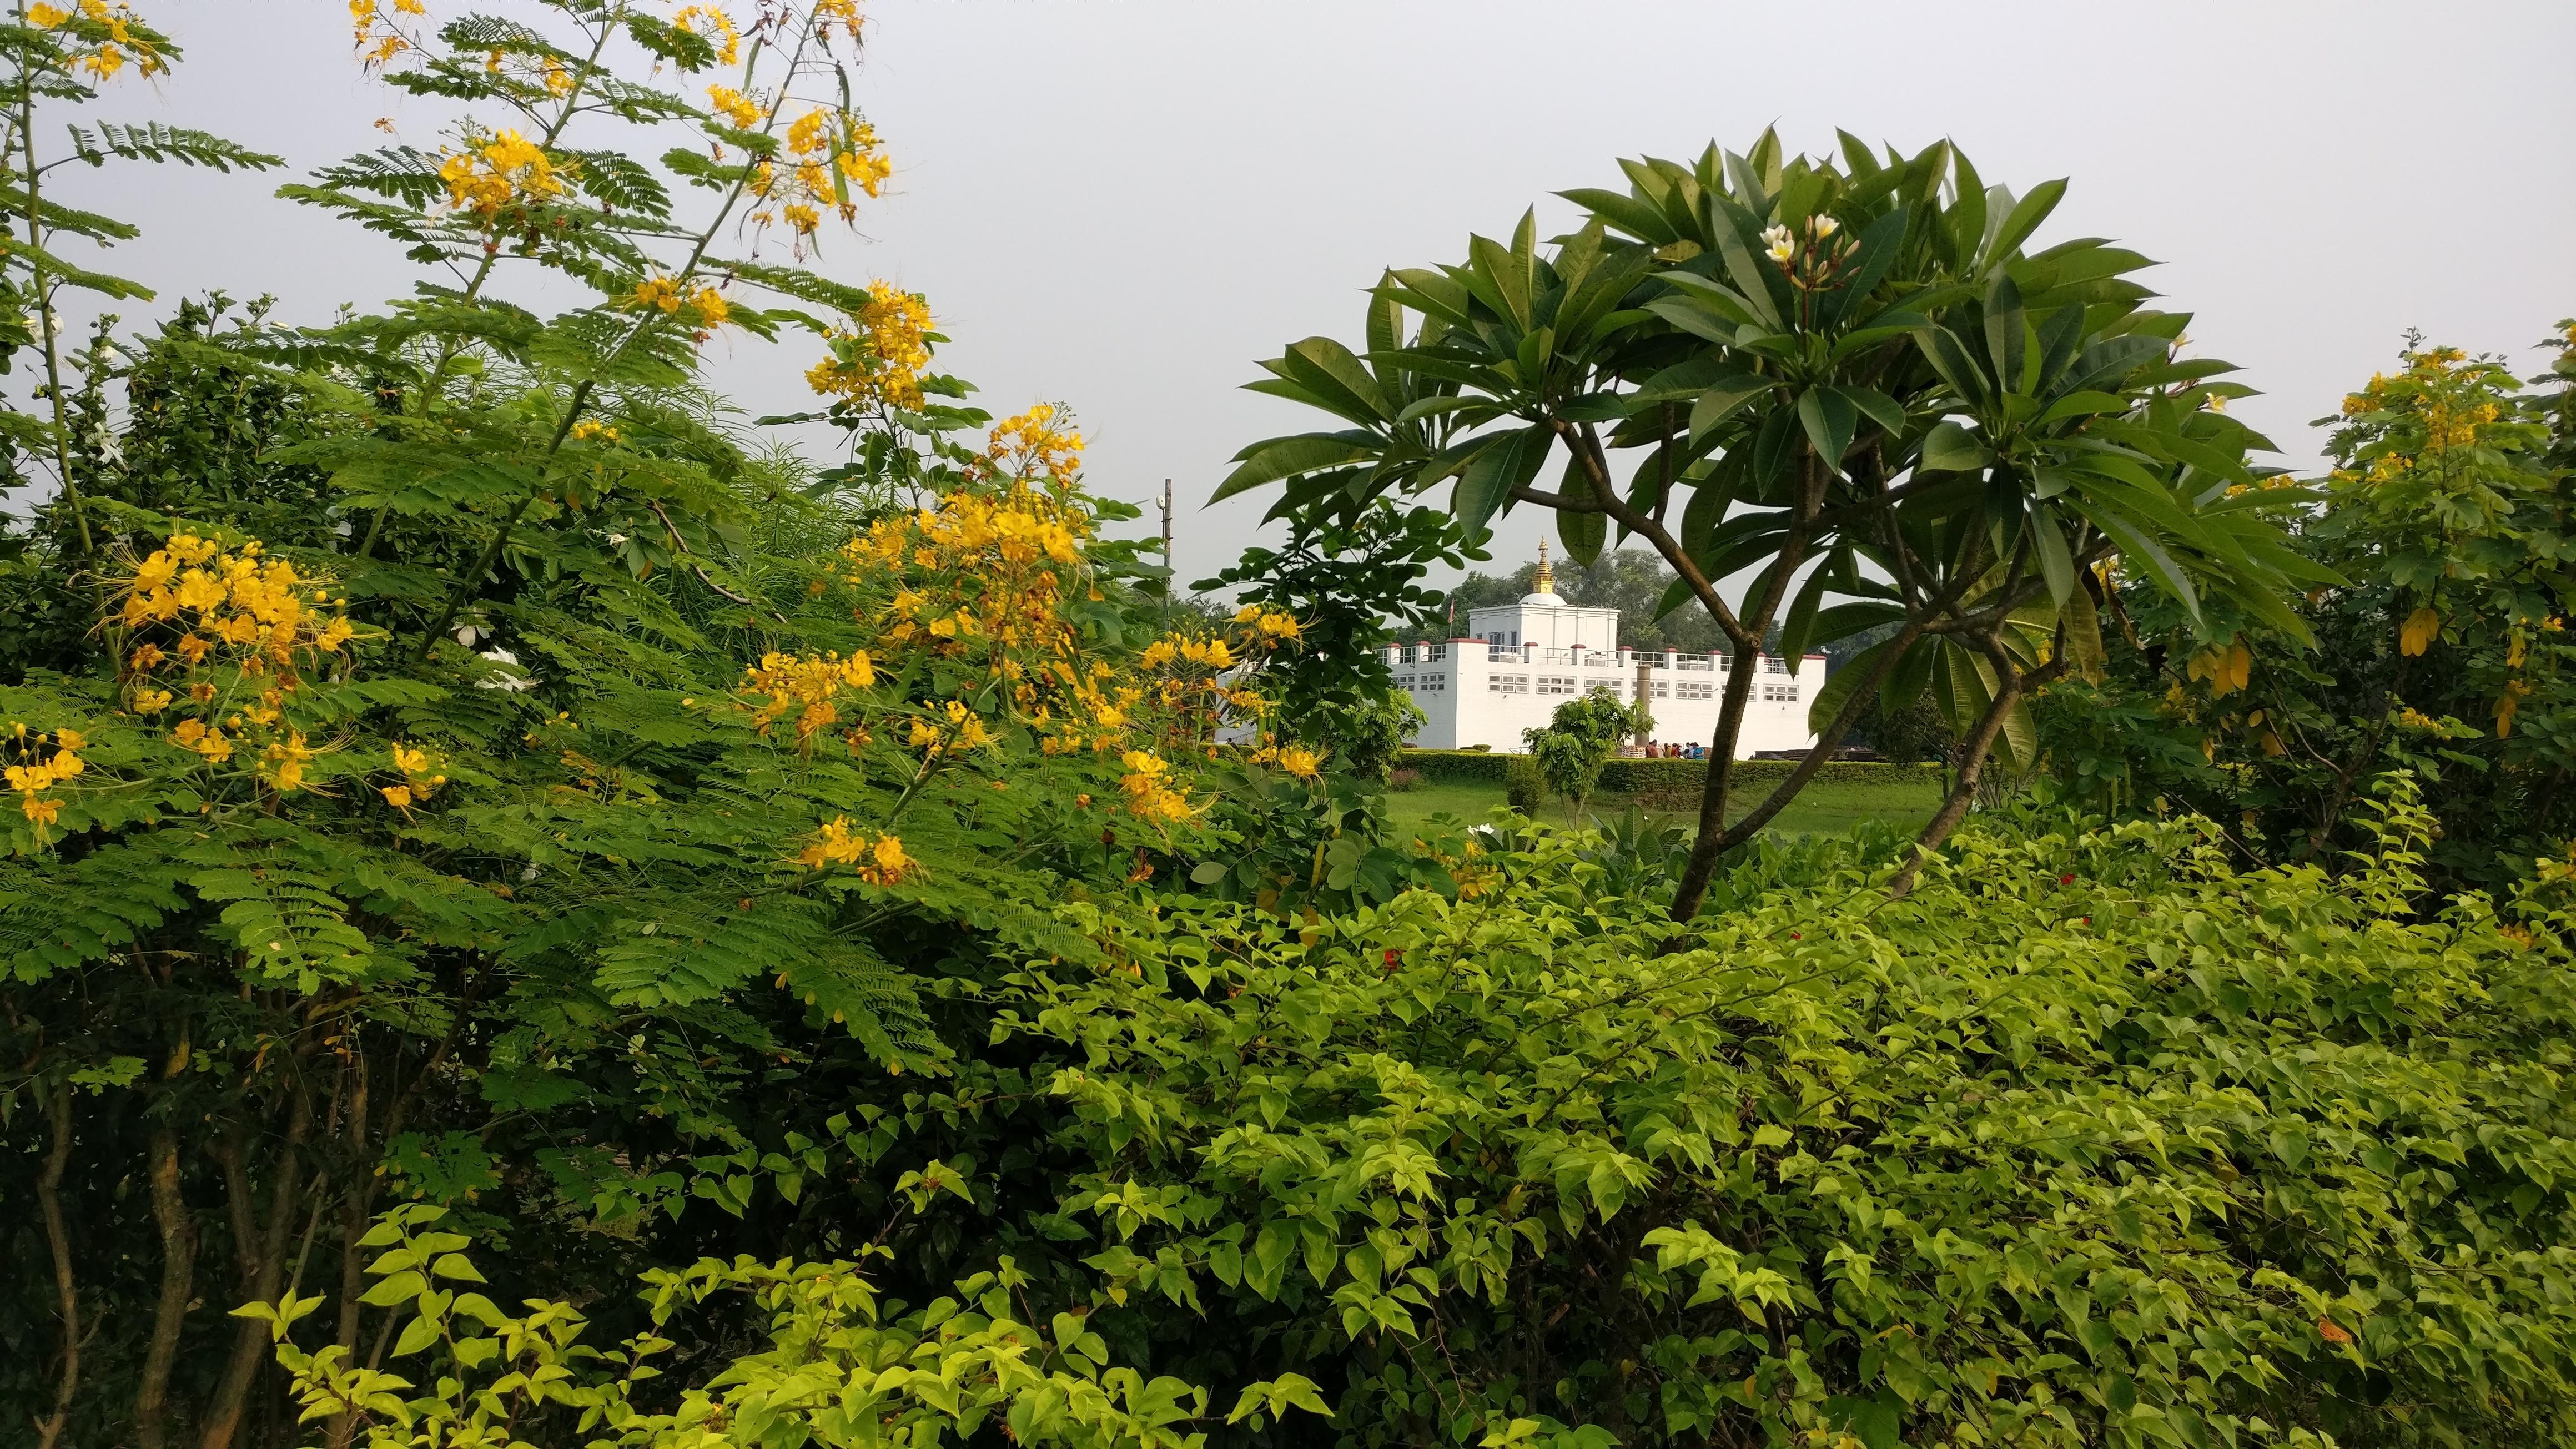 Fotos gratis rbol bosque planta flor selva hojas for Plantas de hojas perennes para jardin